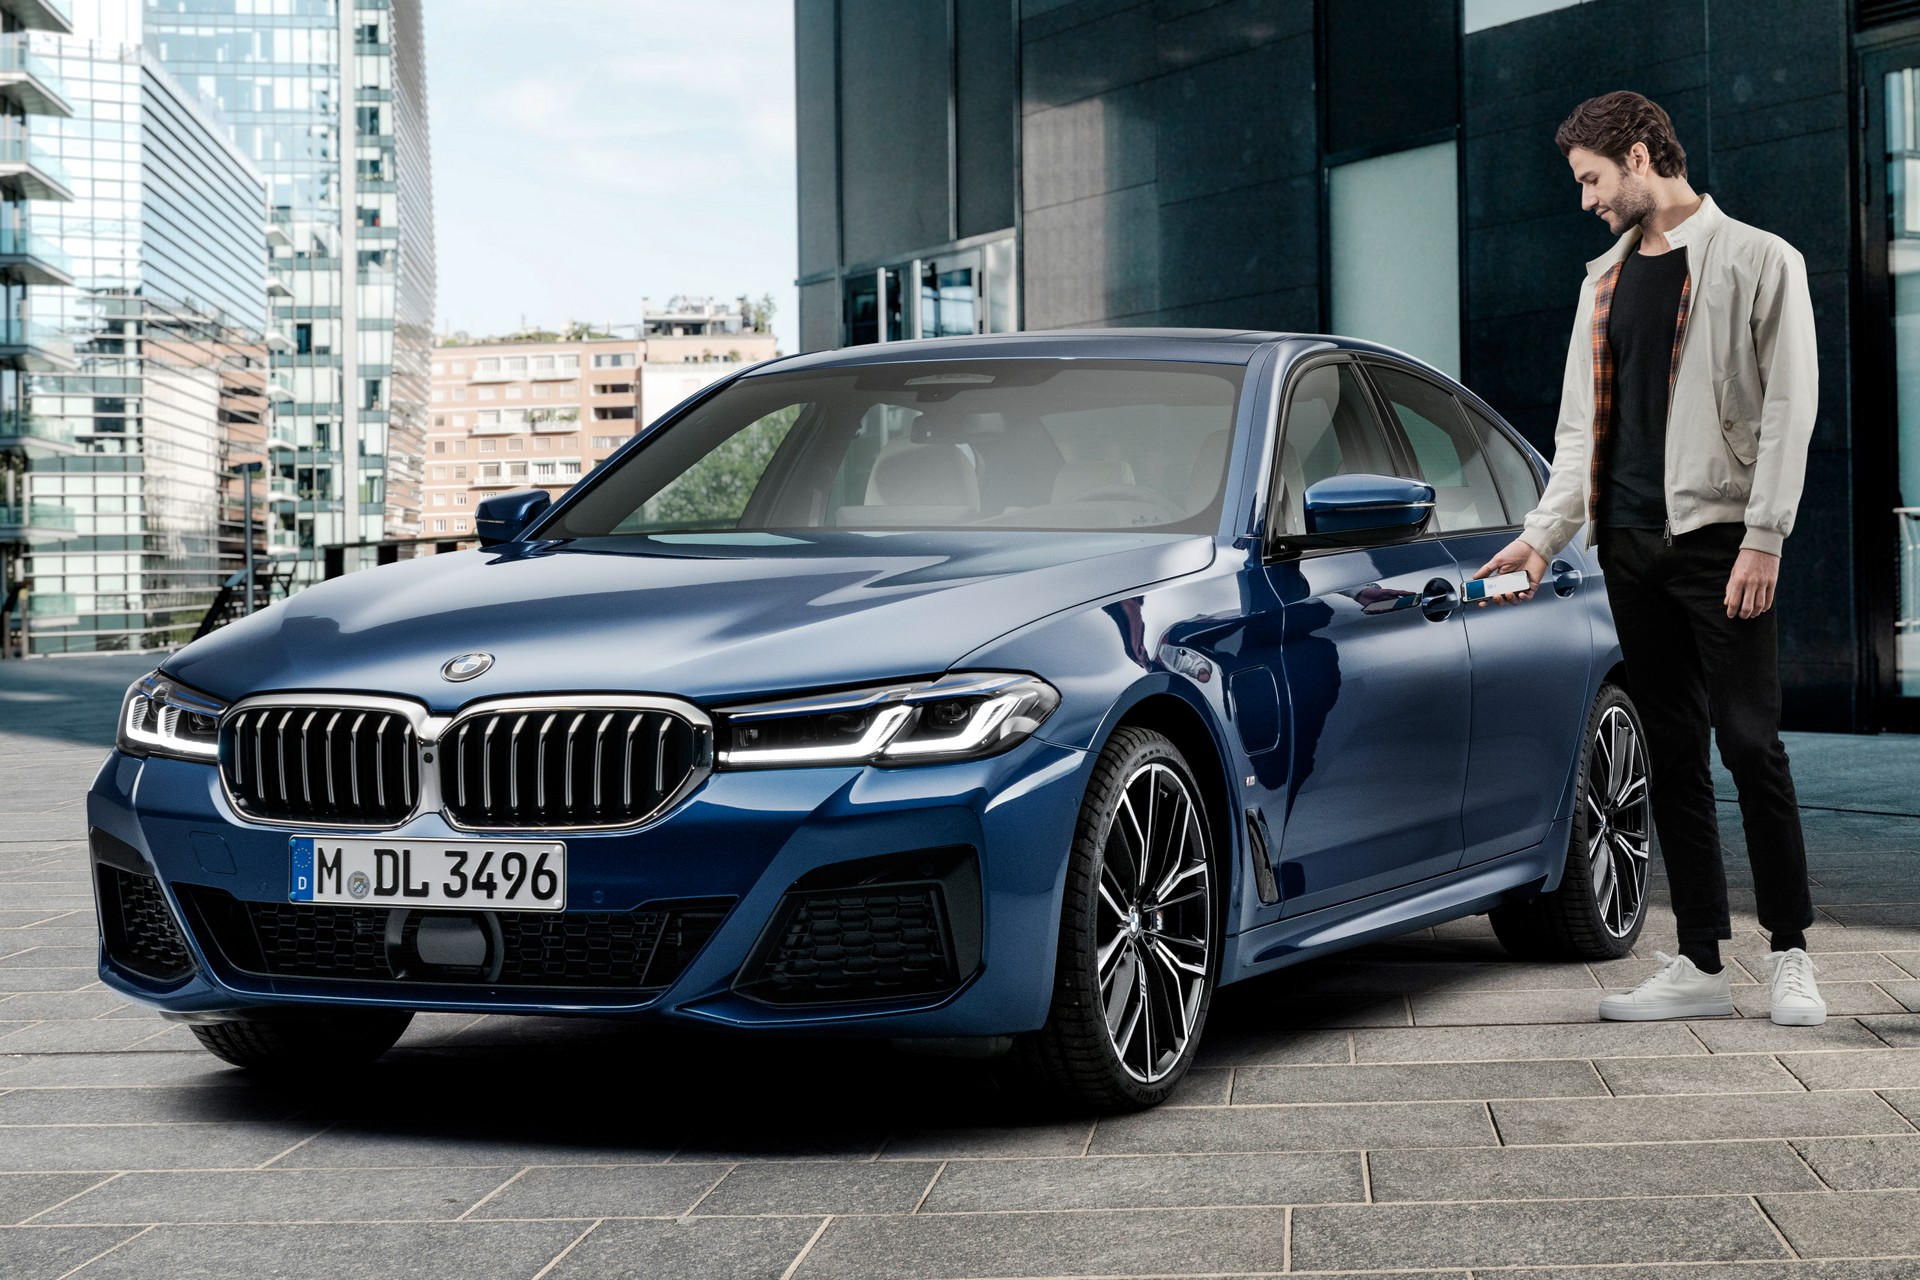 Со IPhone ќе се отклучуваат и стартуваат автомобилите на BMW